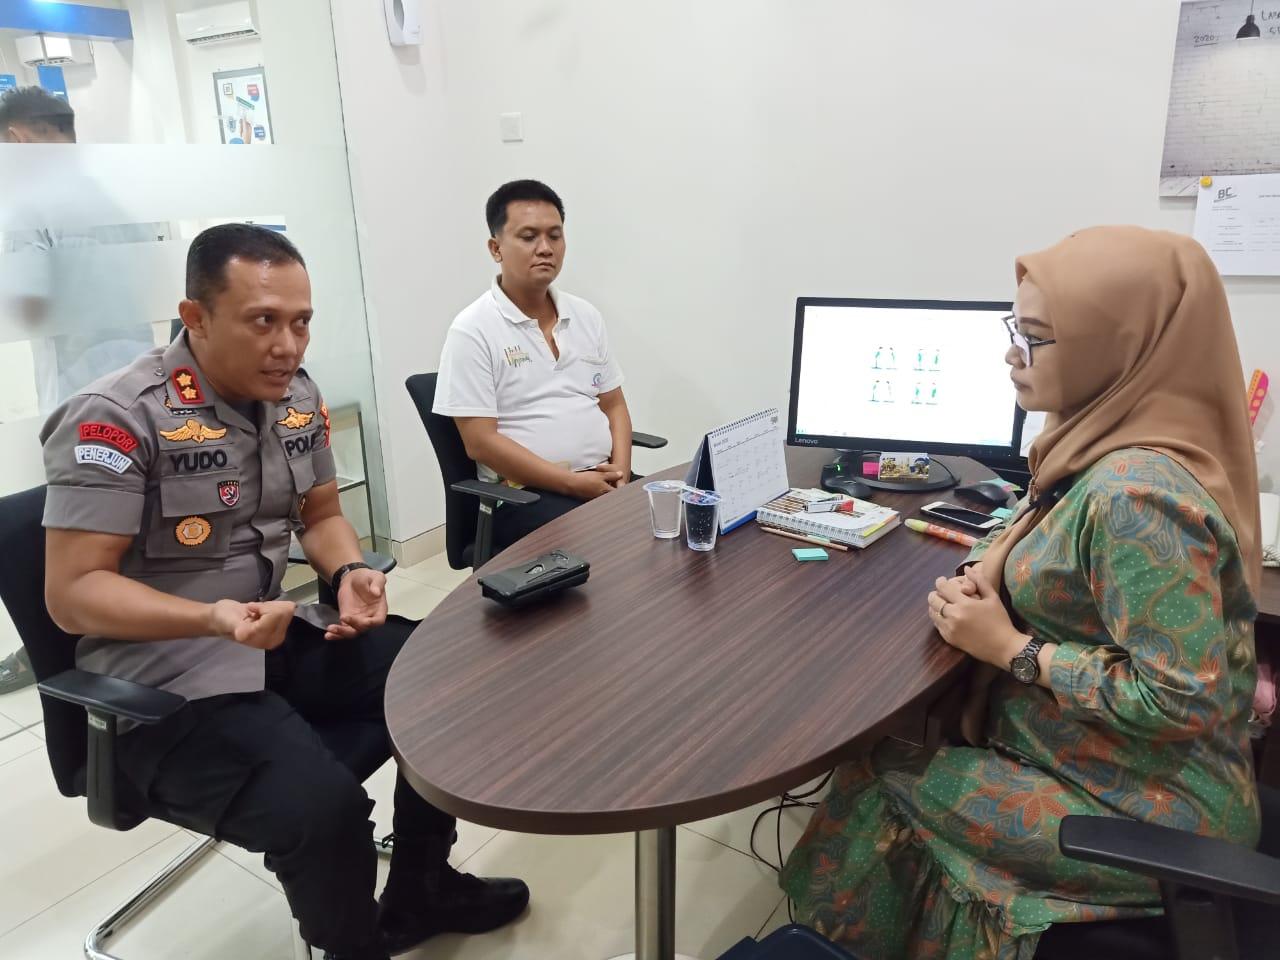 Cegah Penyebaran Virus Corona Kapolres Lampung Utara Himbau Pihak Bank Berikan Disinfekta Ke Uang Kertas